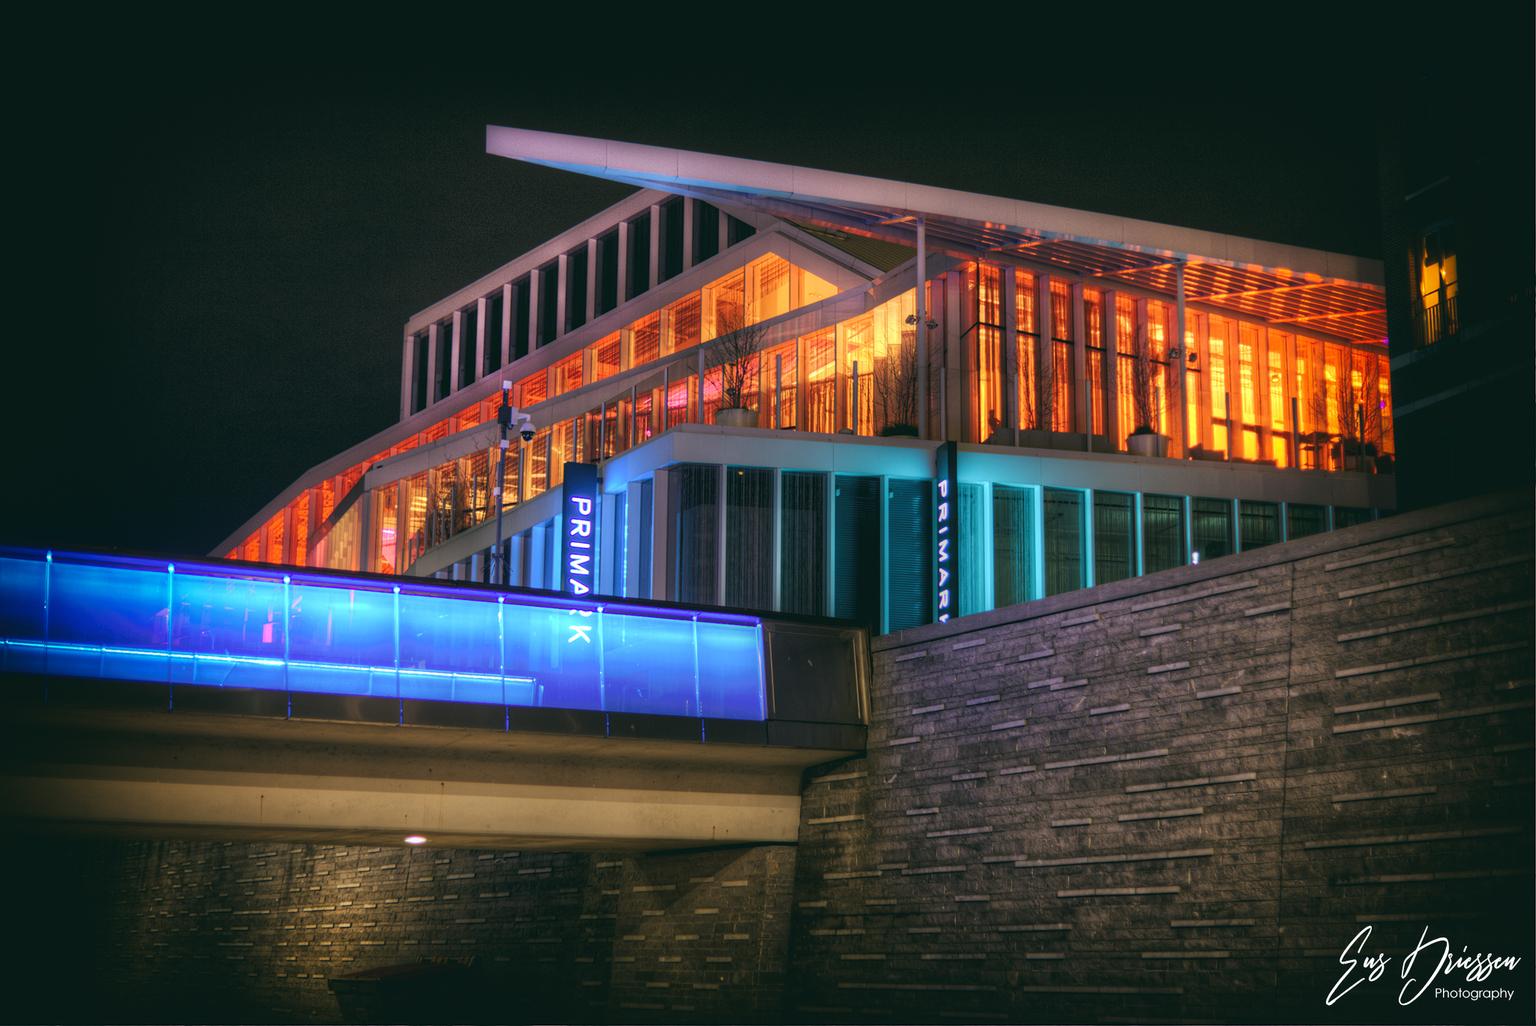 De Maaspoort in Venlo - De Maaspoort Theater & Events is een theater en congrescentrum gelegen tussen de Oude Markt en de Peperstraat in Venlo. Op 24 augustus 1984 werd De M - foto door EusDriessen op 12-04-2021 - locatie: Venlo, Nederland - deze foto bevat: maaspoort, venlo, limburg, schouwburg, theater, events, oude markt, avondfotografie, licht, gebouw, rechthoek, facade, stad, lucht, elektrisch blauw, vermaak, commercieel gebouw, lettertype